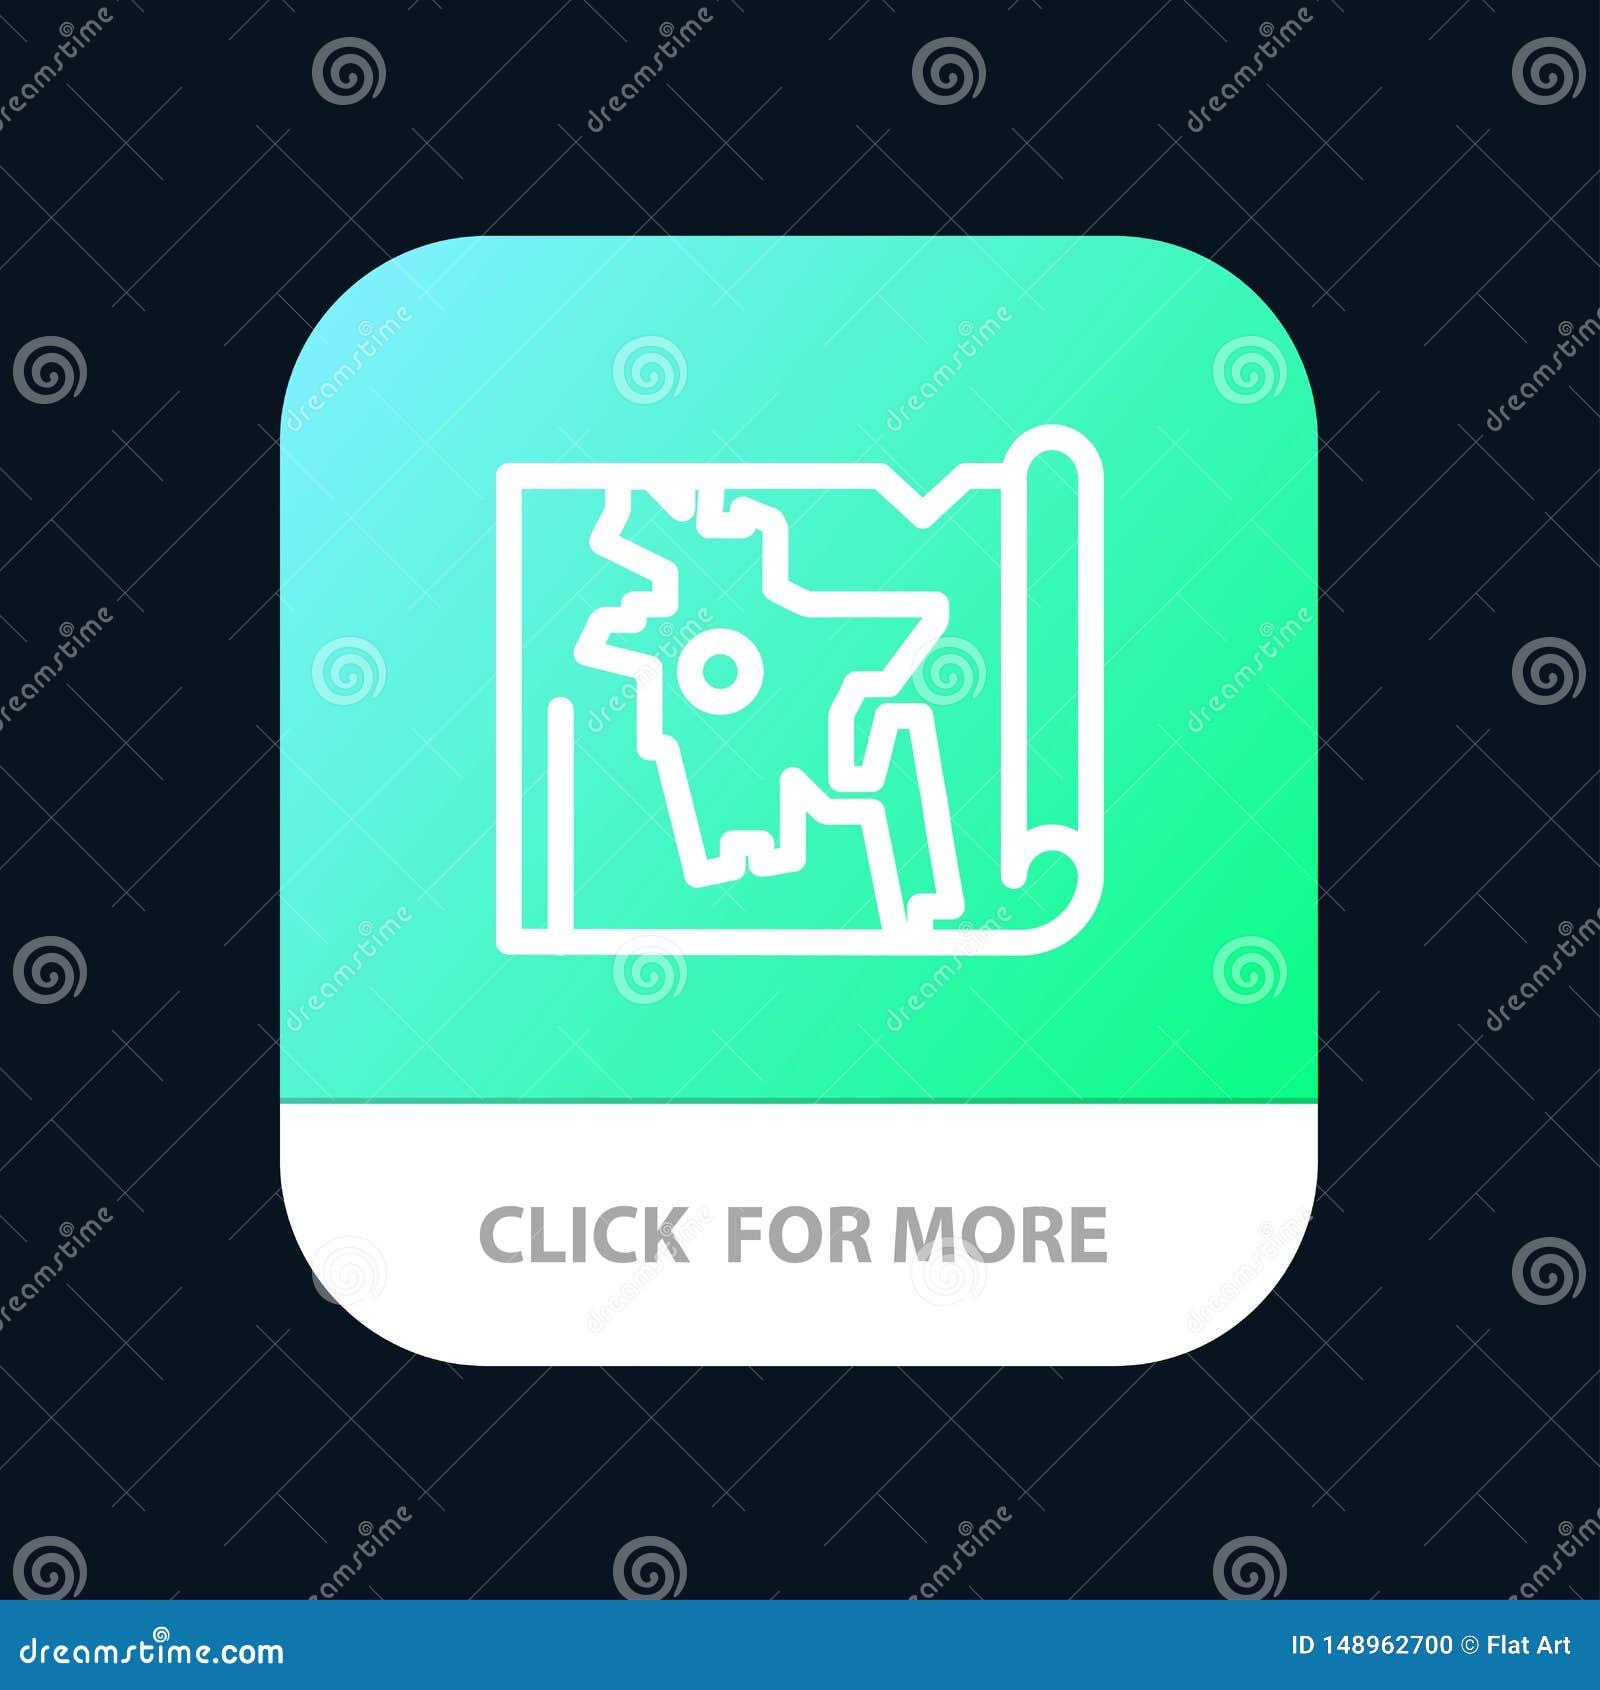 Bangladesh, Map, World, Bangla Mobile App Button. Android ...